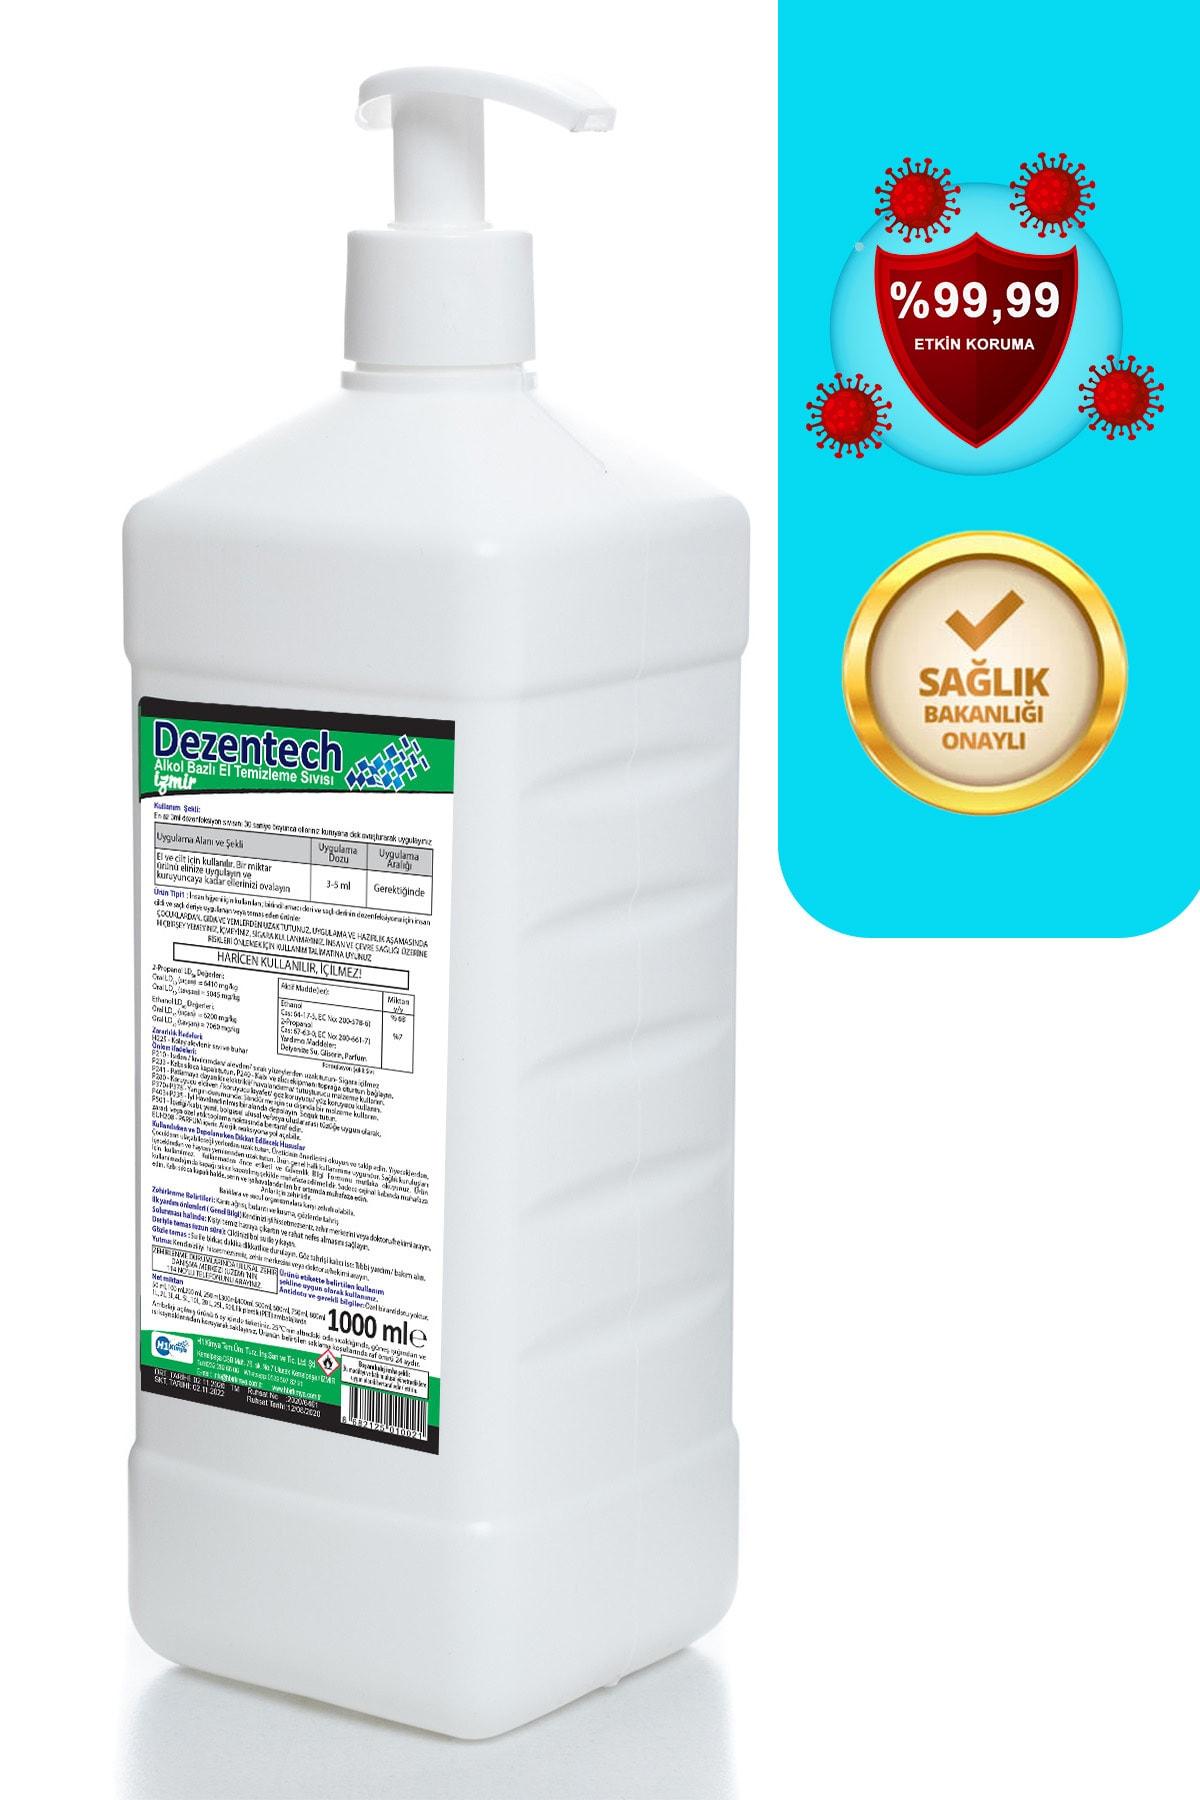 Ebruli Dezentech El Temizleme Sıvısı 1 LT&Ebruli Limon Kolonyası 1 LT&HEDİYE Medikal Maske 50 Adet 2